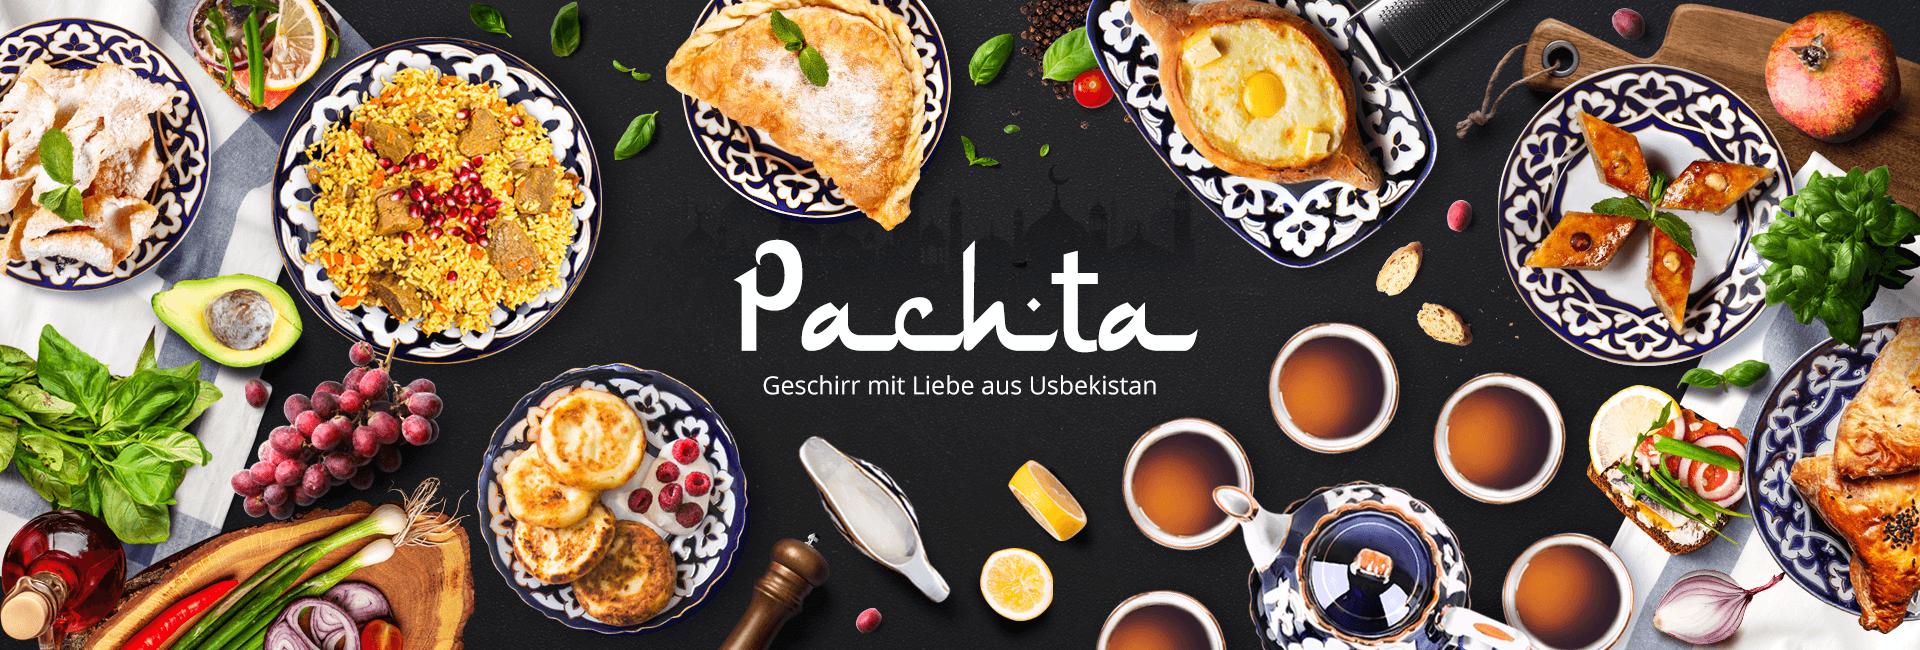 Pachta - mit Liebe aus Usbekistan